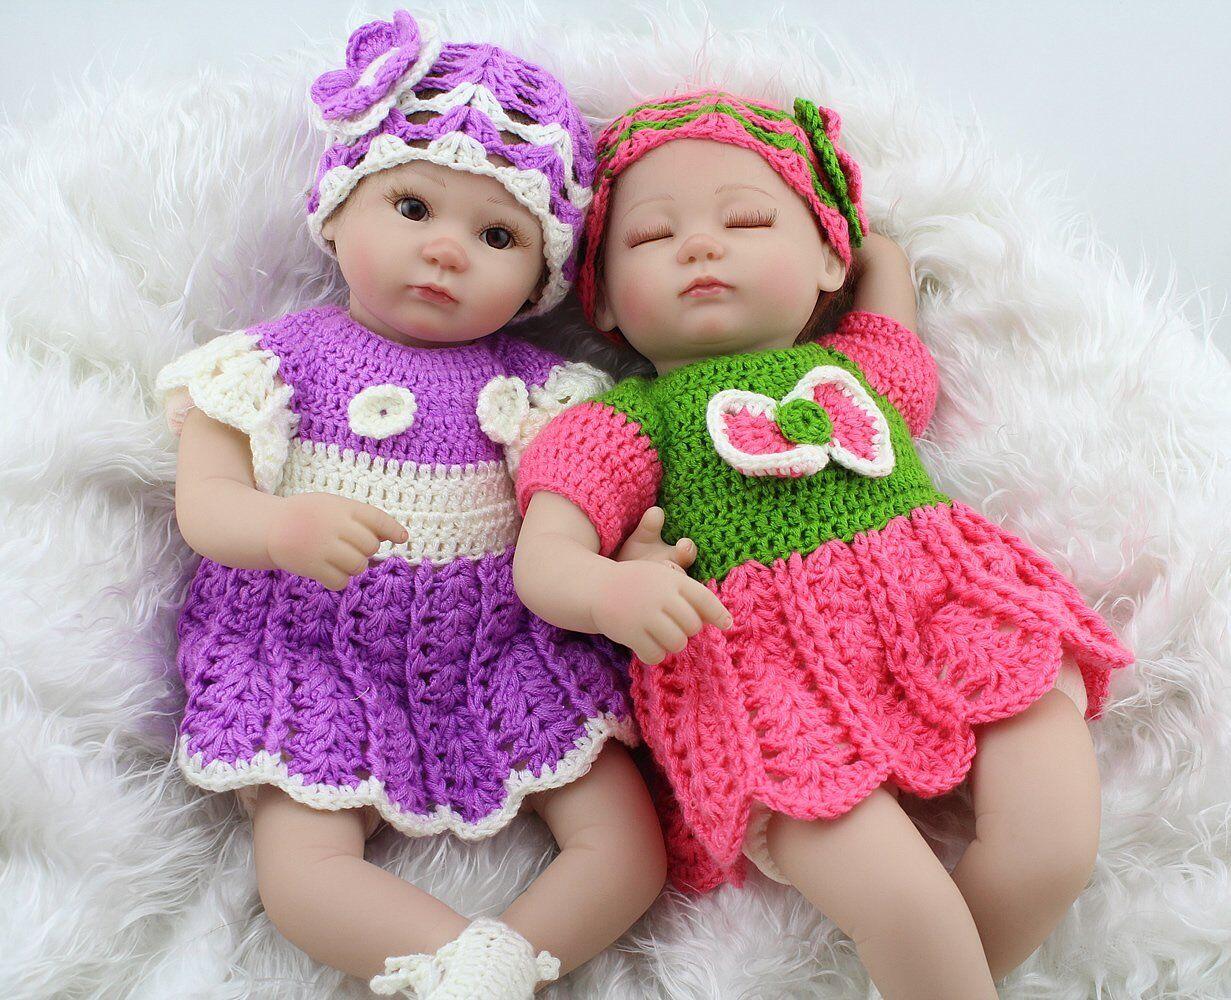 Una COPPIA BEBE 16  realistico Gemelli RINATO BABY BOY GIRL Handmade bambola vinile bambino